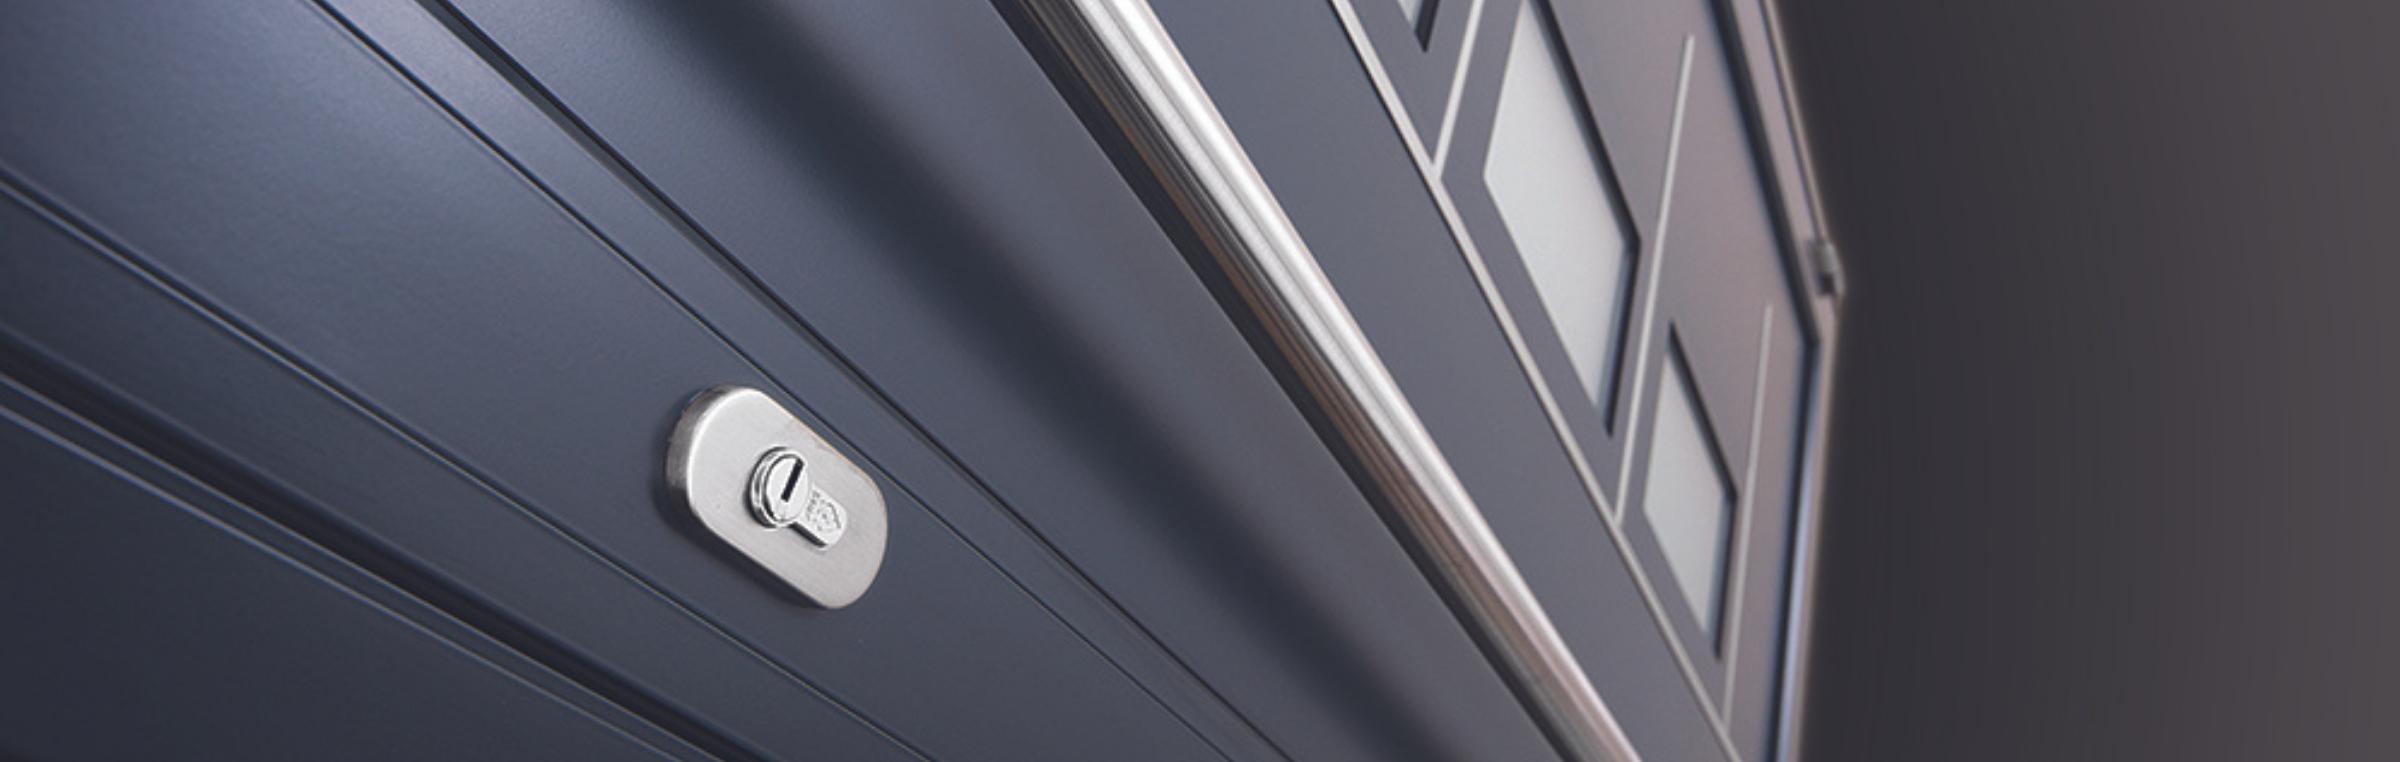 Composite door image